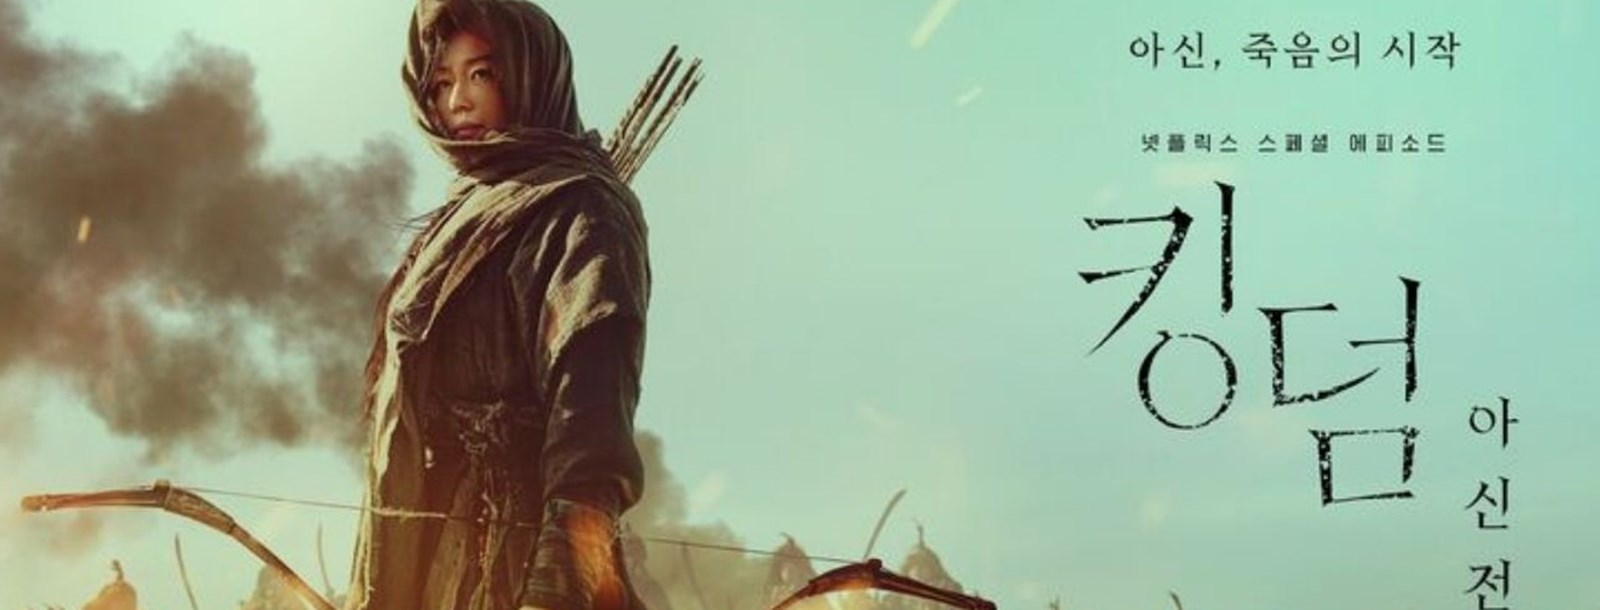 Kingdom: Ashin of the North - Početak